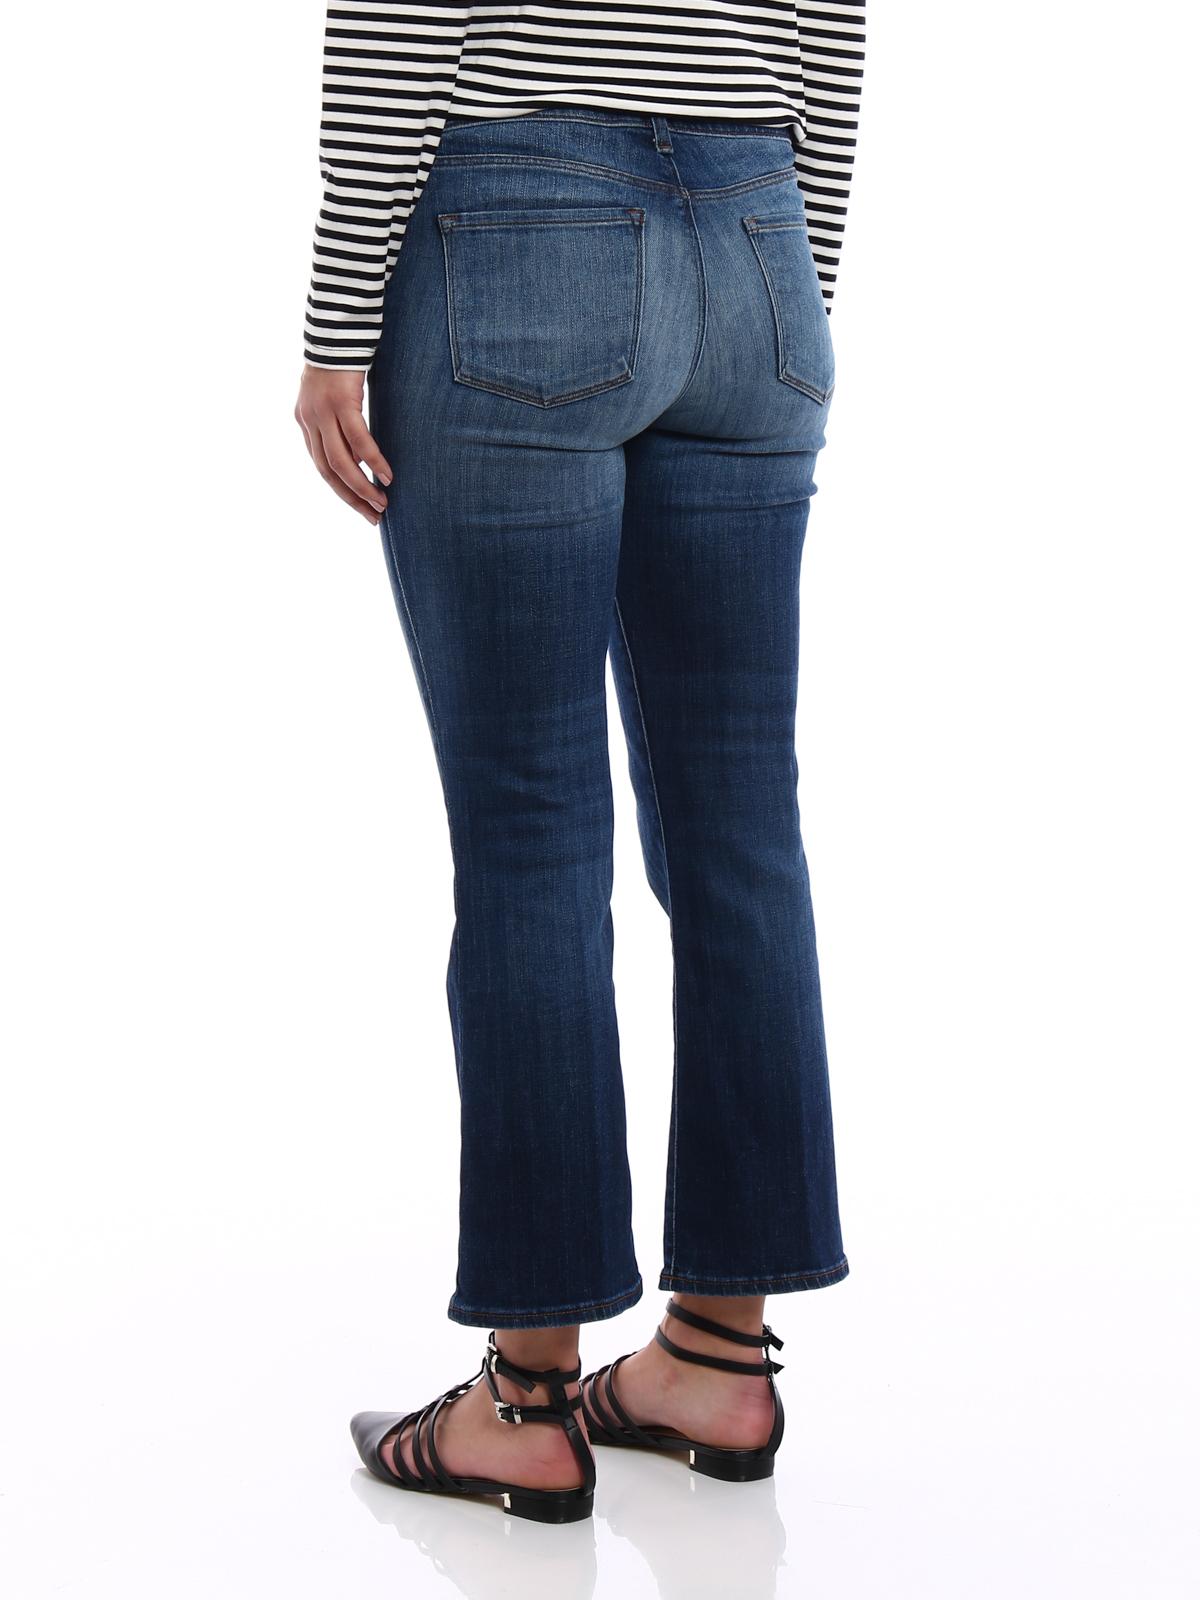 Aubrie De Grande Hauteur Recadrée Marque De Jeans J kYLbo4w4n